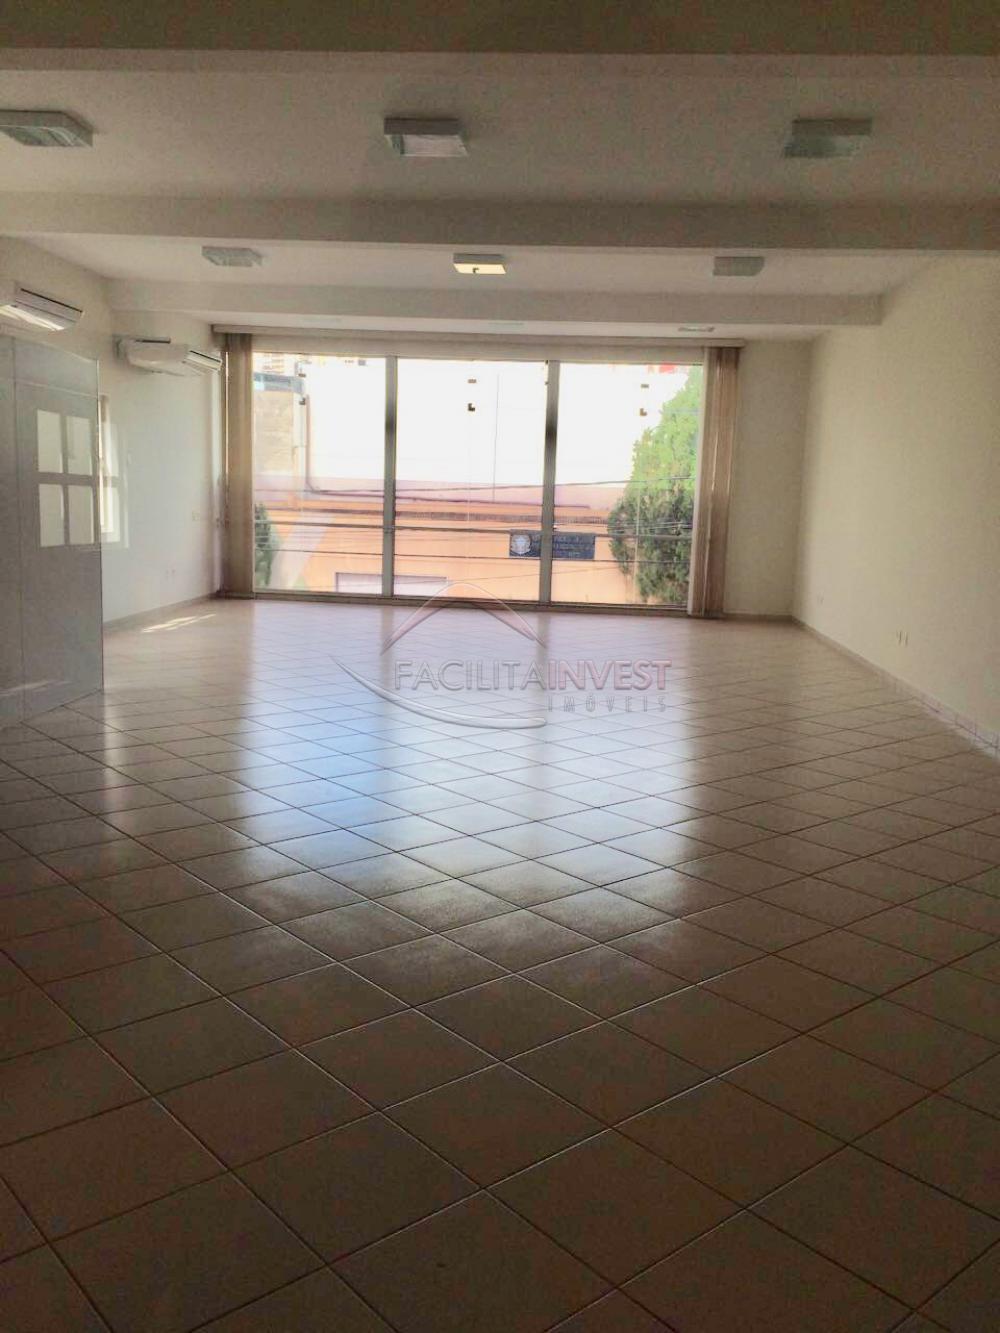 Alugar Casa Comercial/Prédio comercial / Predio comercial em Ribeirão Preto apenas R$ 4.900,00 - Foto 8